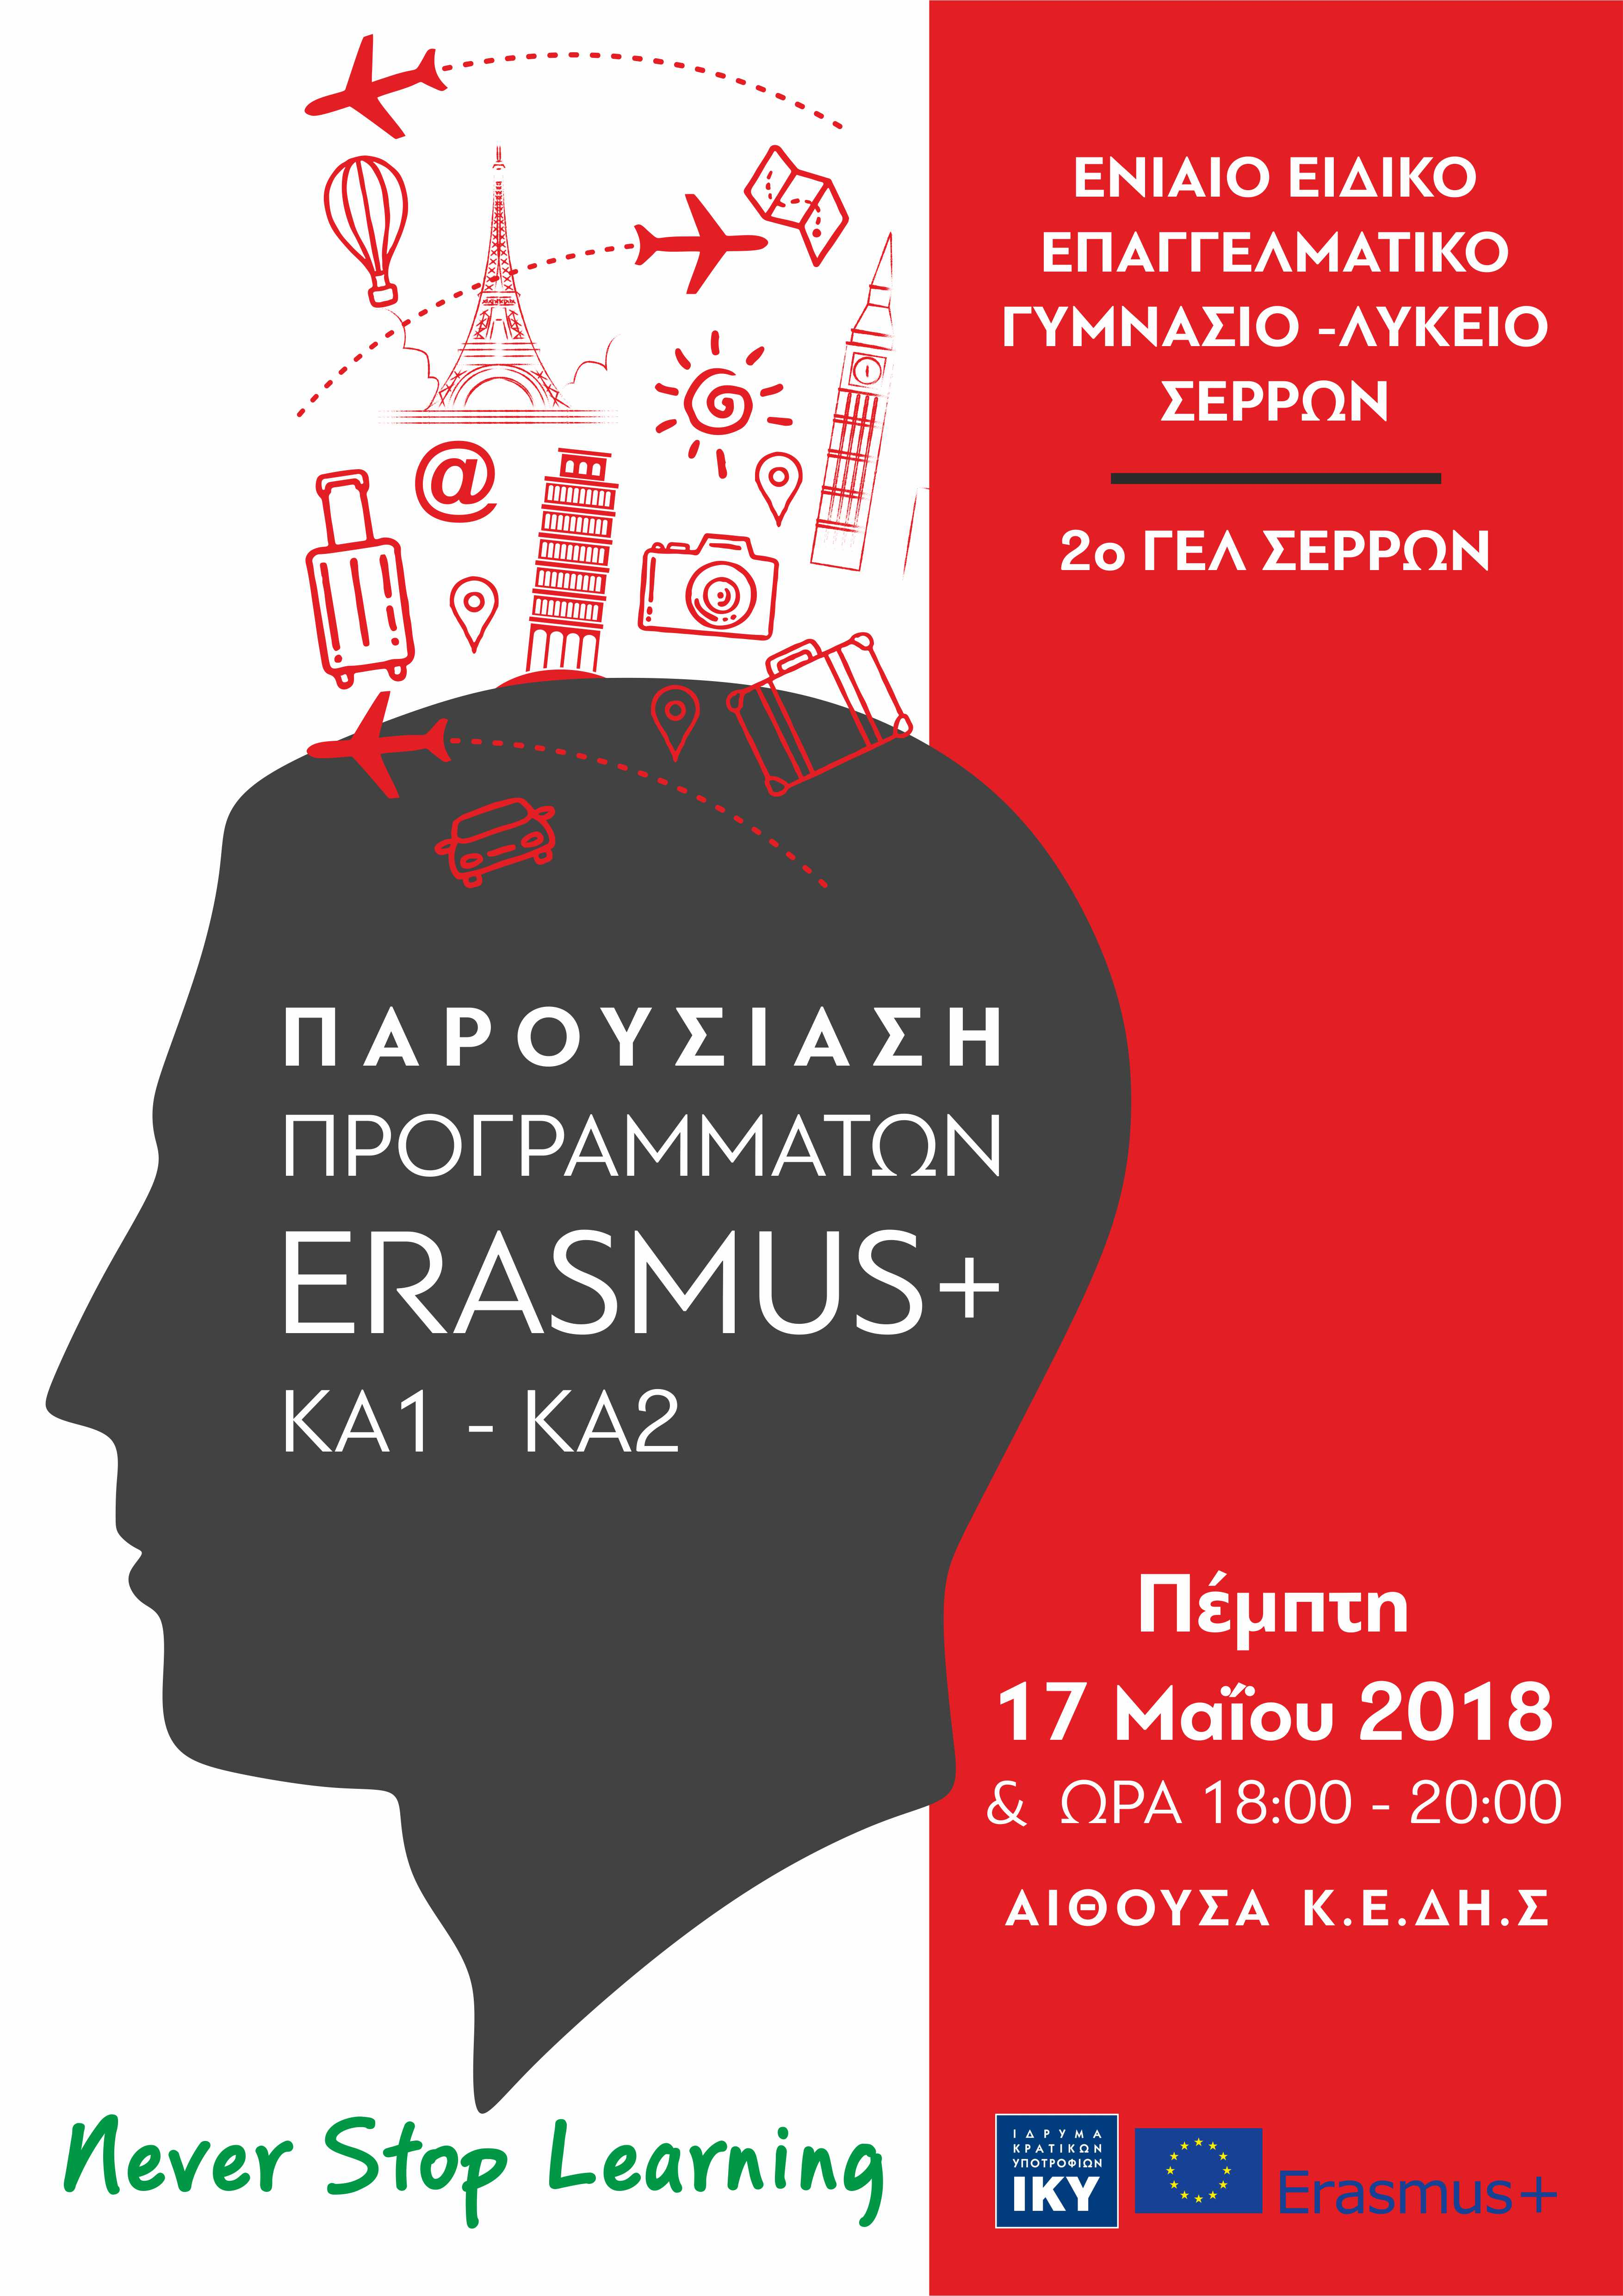 Παρουσίαση προγραμμάτων Erasmus+